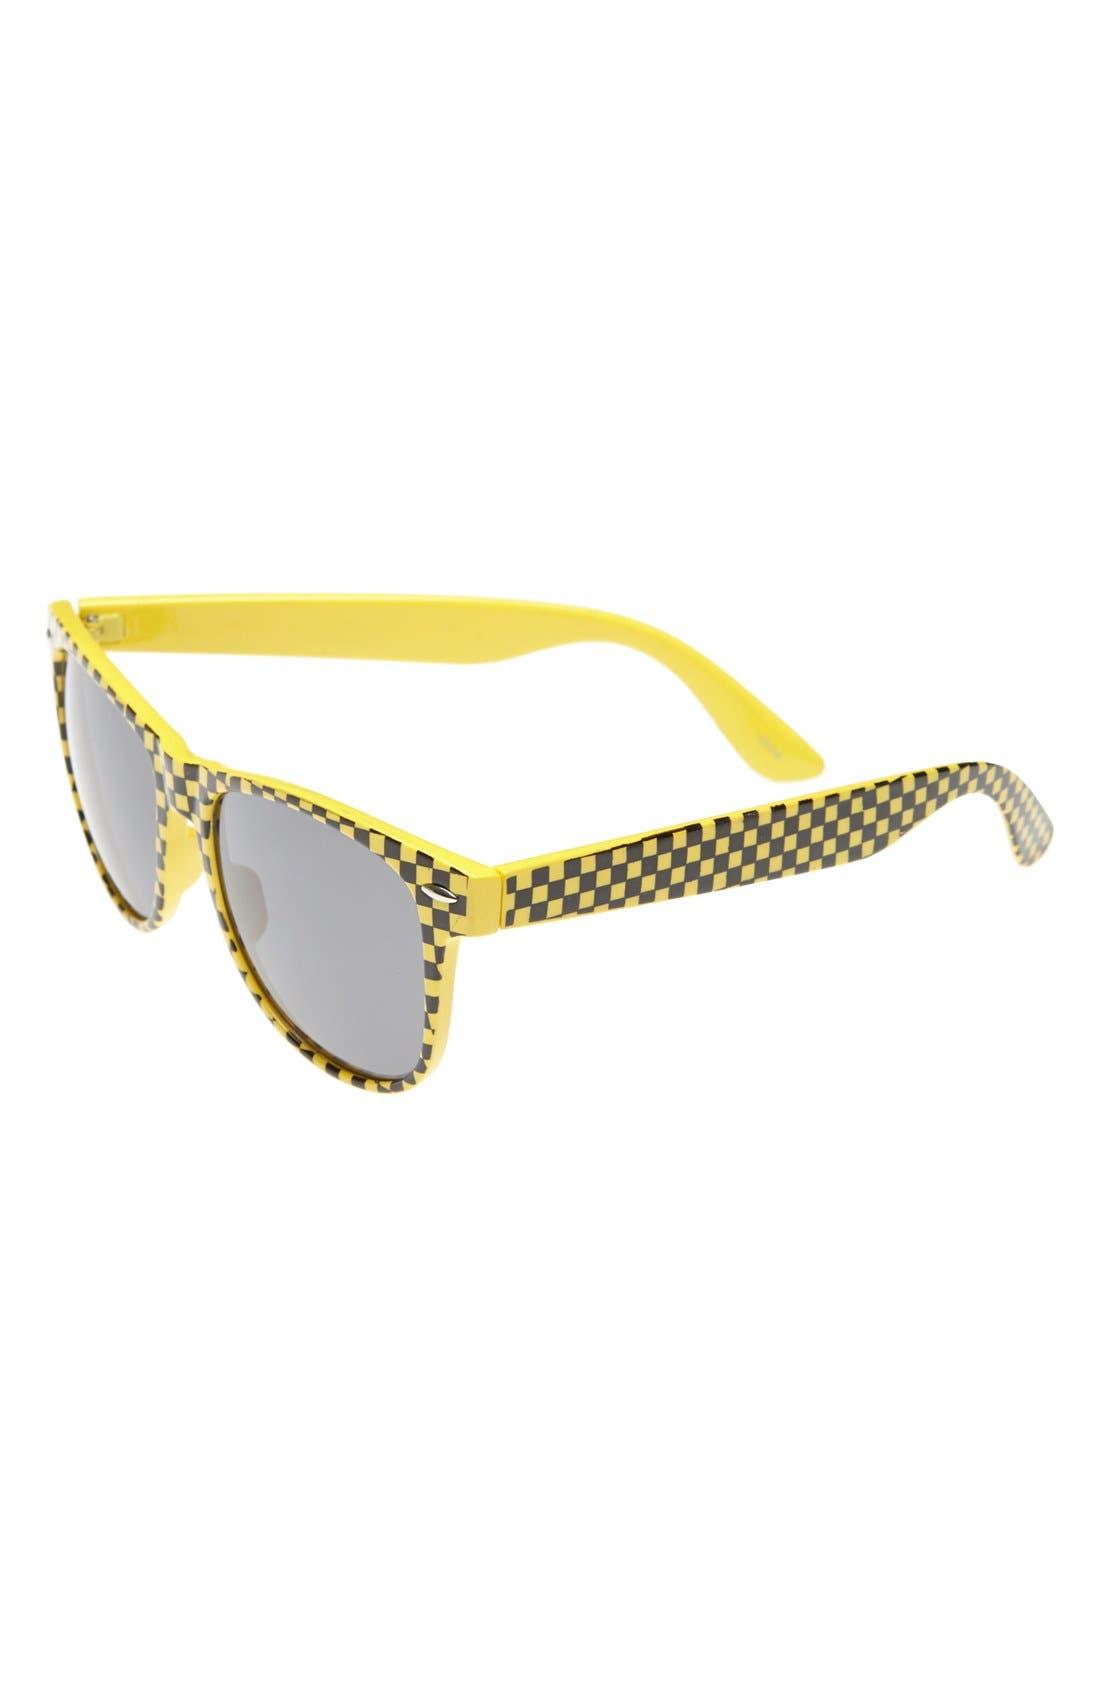 Main Image - Icon Eyewear 'Lachlan' Sunglasses (Boys)